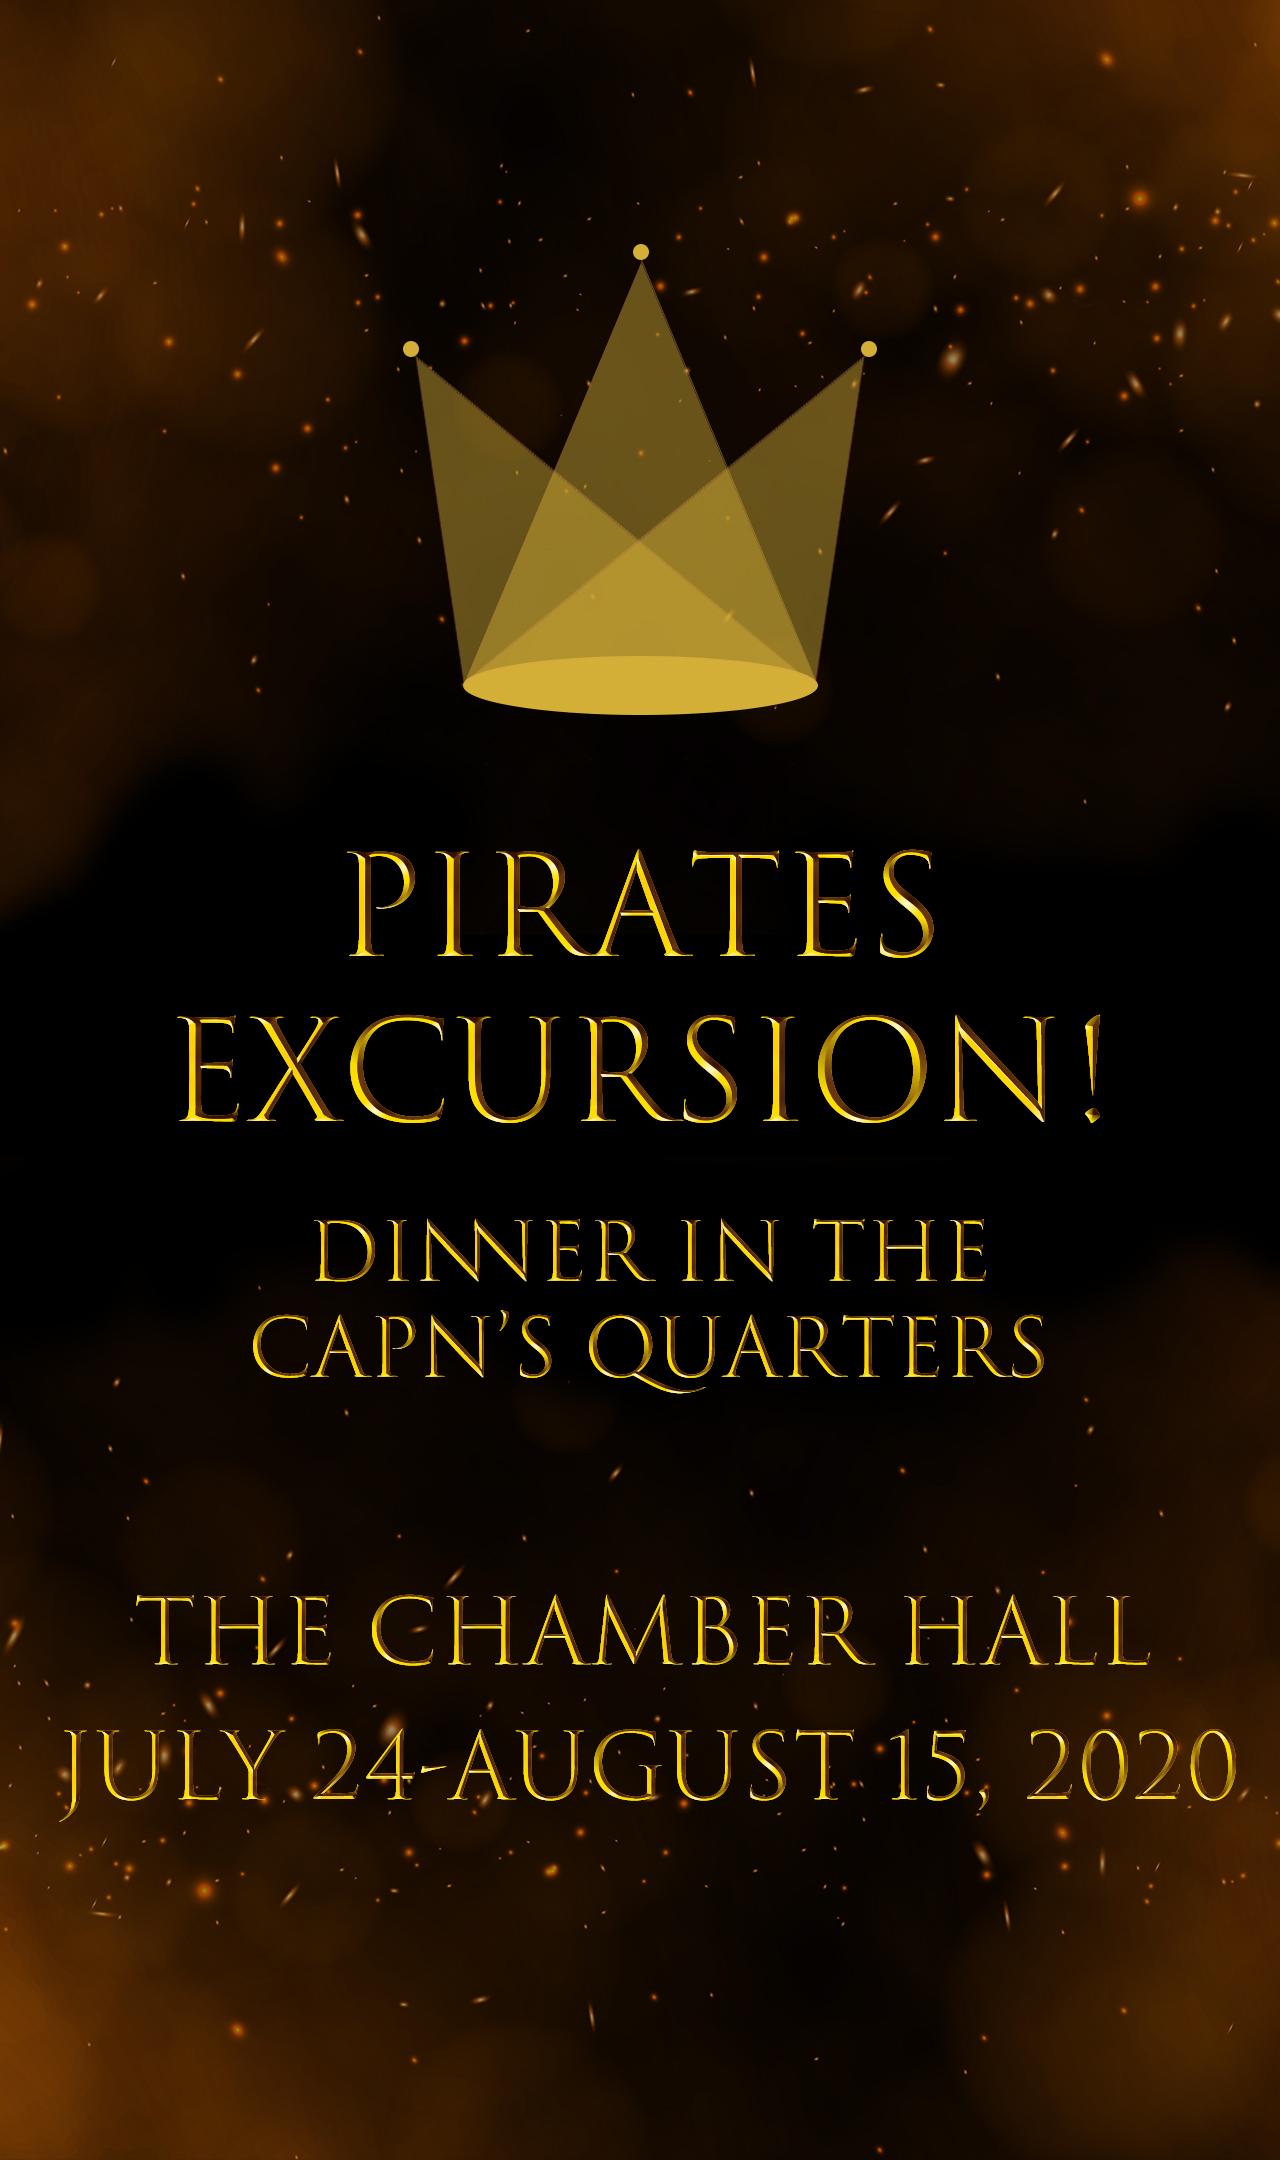 Pirates Excursion!